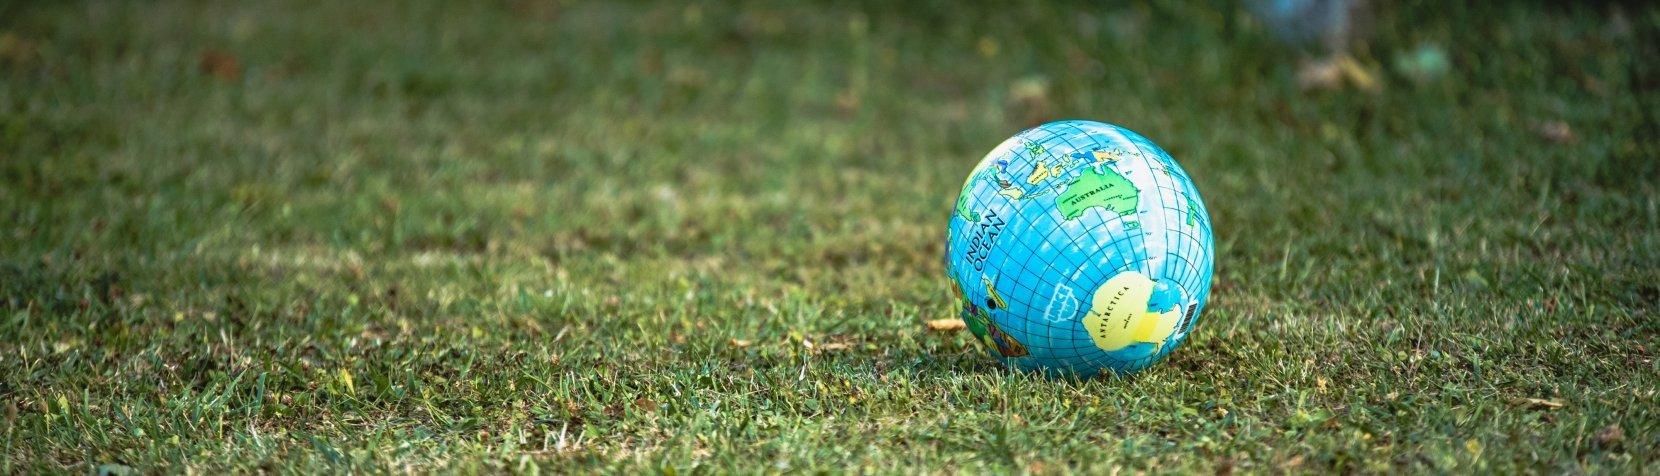 Globus på grønt græs